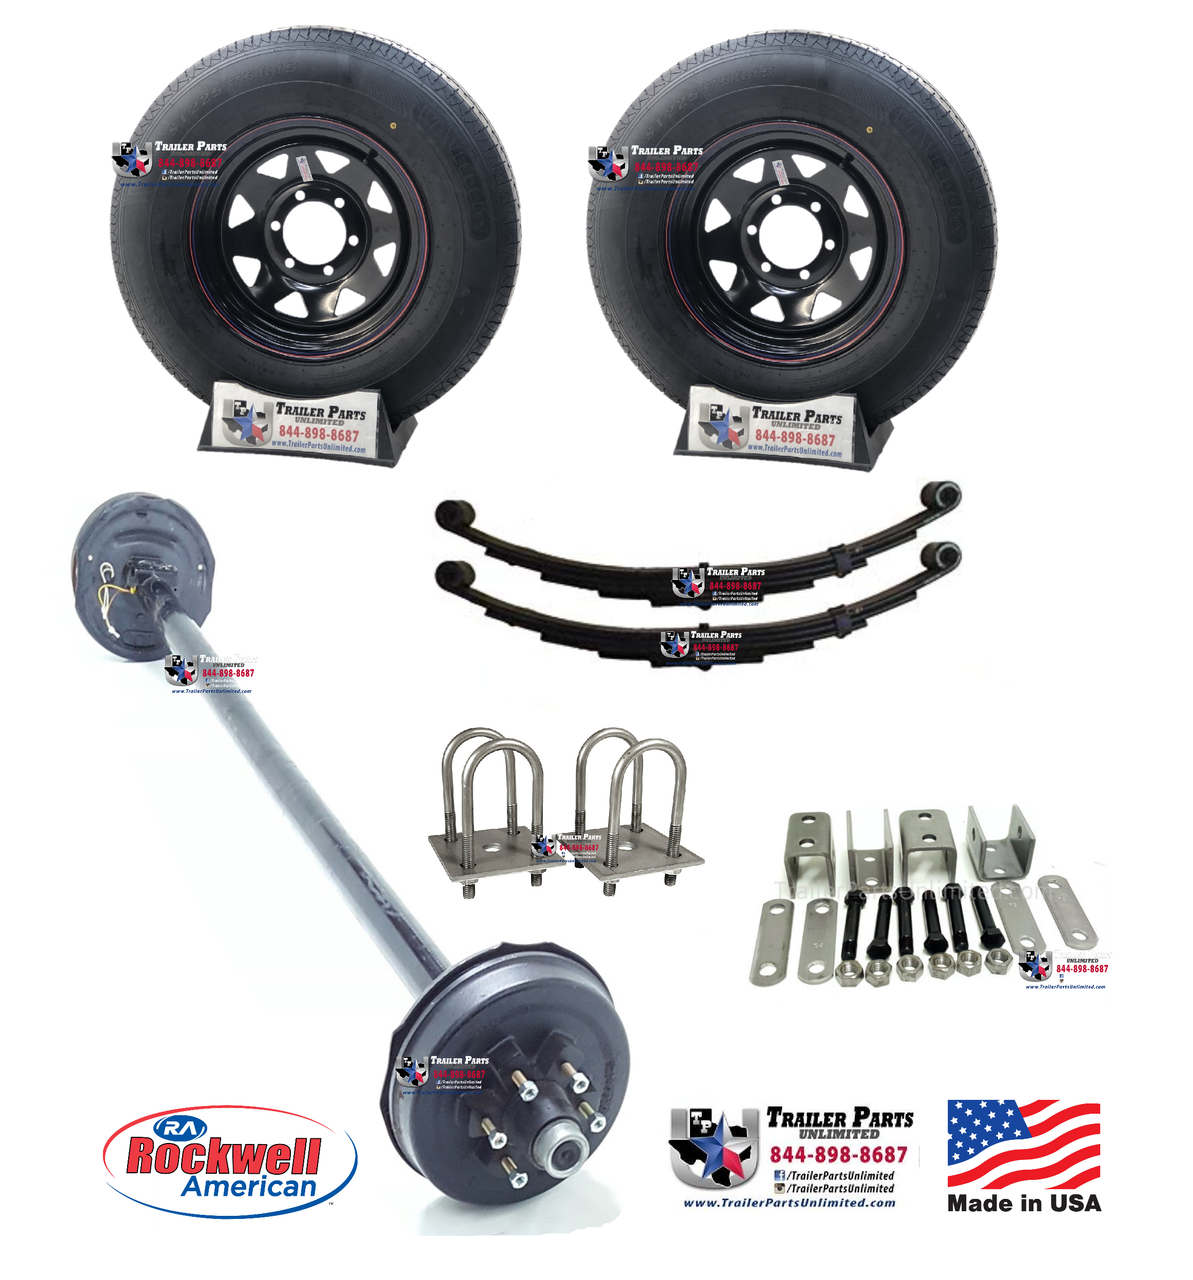 Trailer Double Eye Spring Suspension Kit for 3 Tube 5200 lb Axles